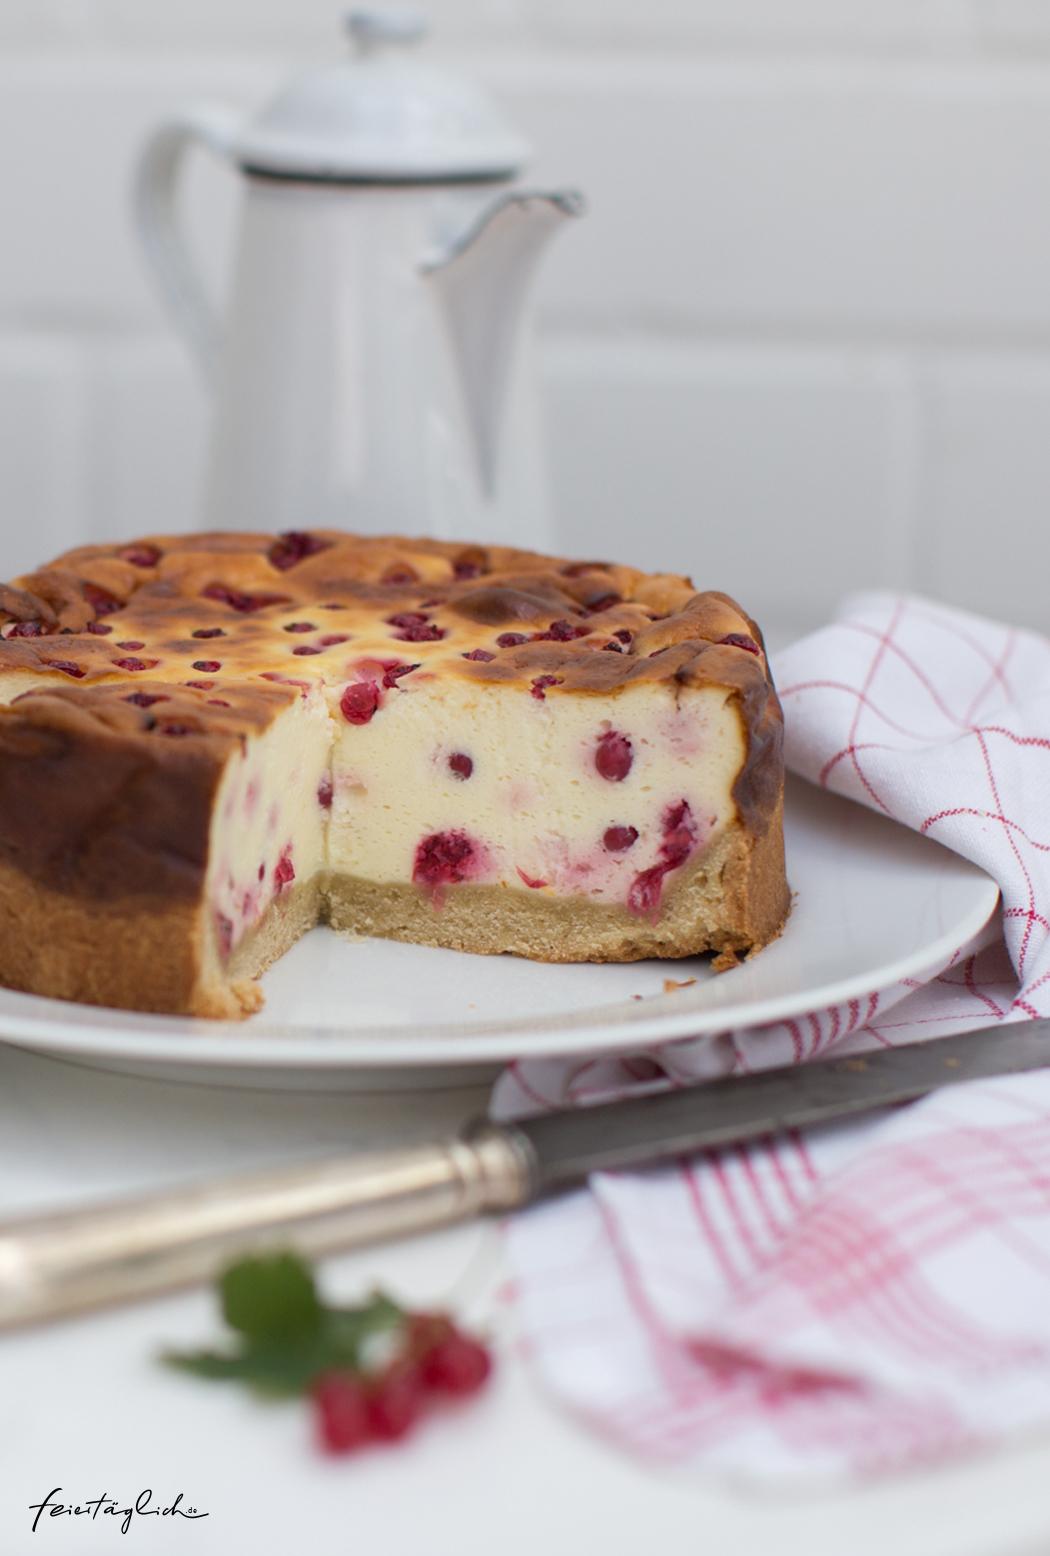 Johannisbeer-Käsekuchen mit Tonka, Rezept,rote Johannisbeeren tummeln sich in cremiger Käsekuchenschicht auf buttrigem Mürbeteig– ein glorreicher Abschied von der diesjährigen Beerensaison